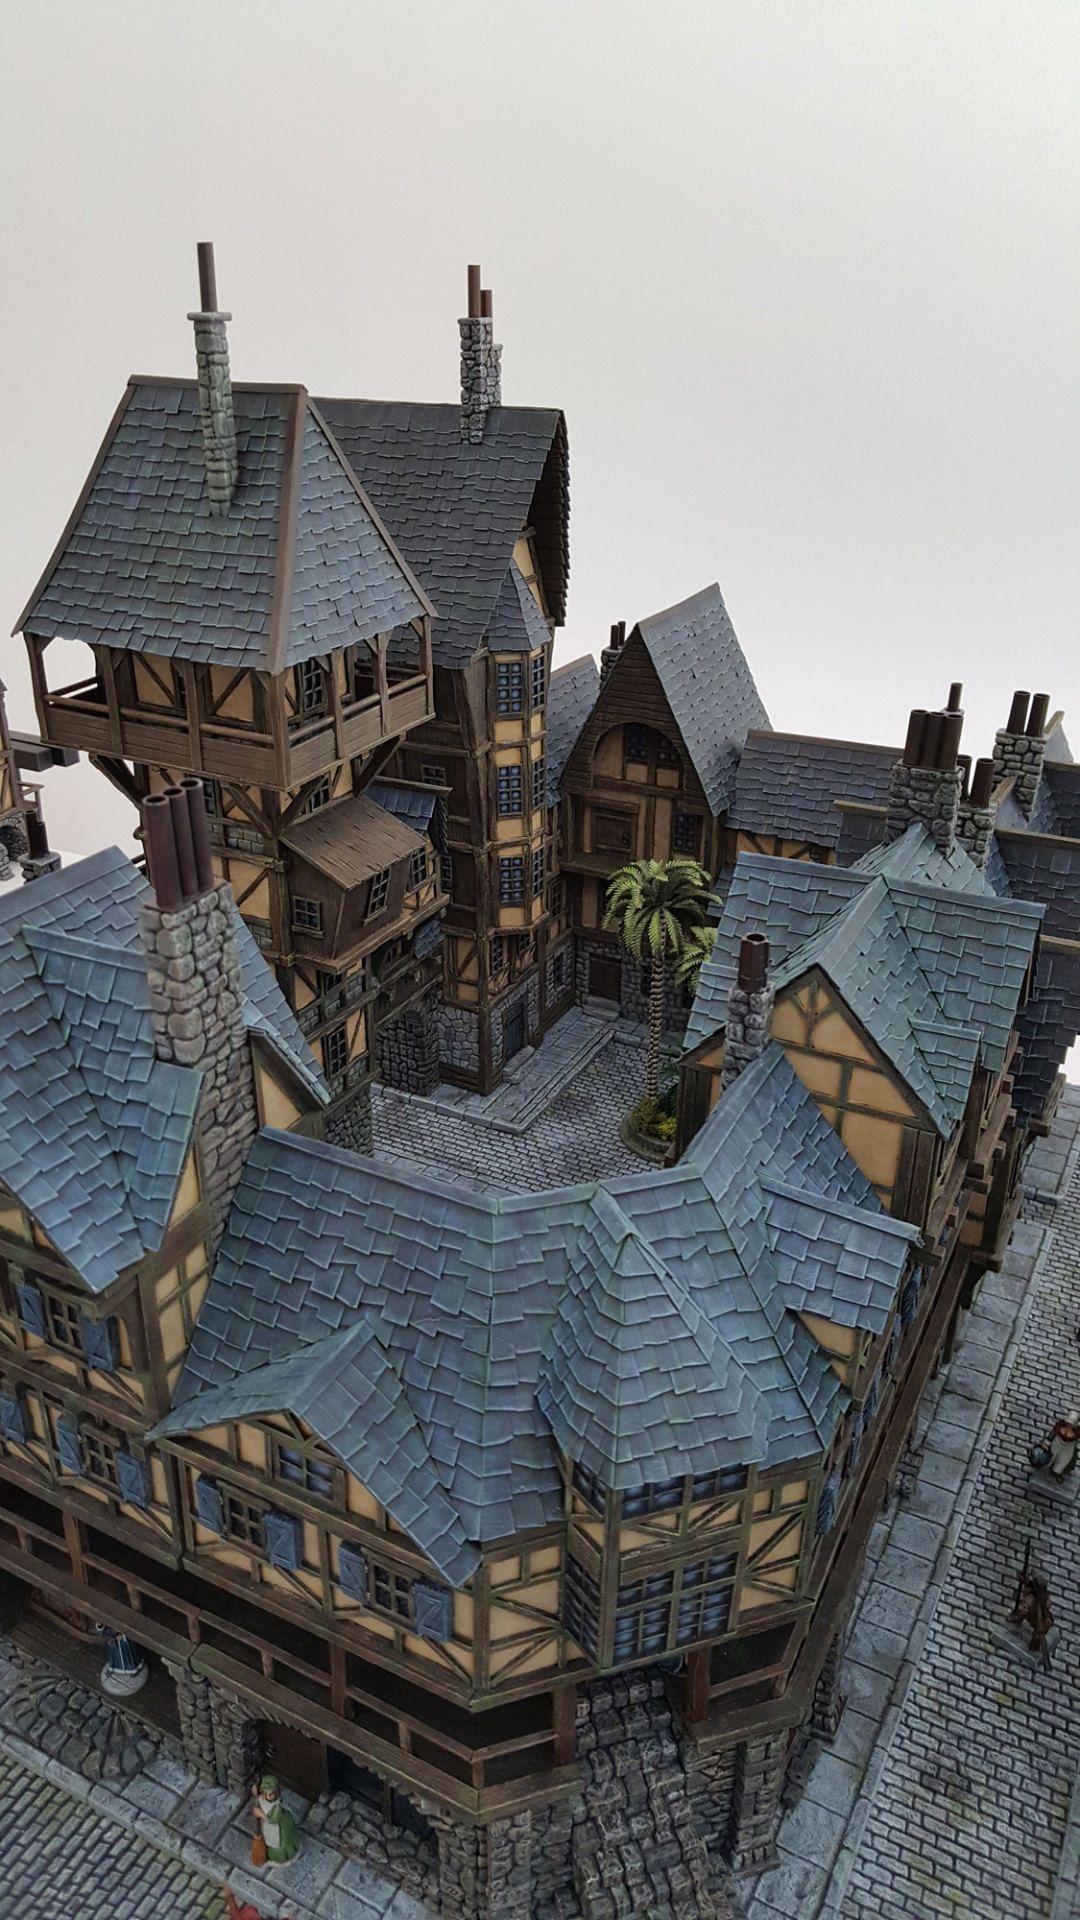 Chris Da Silva Fantasy House Miniature Houses Medieval Houses